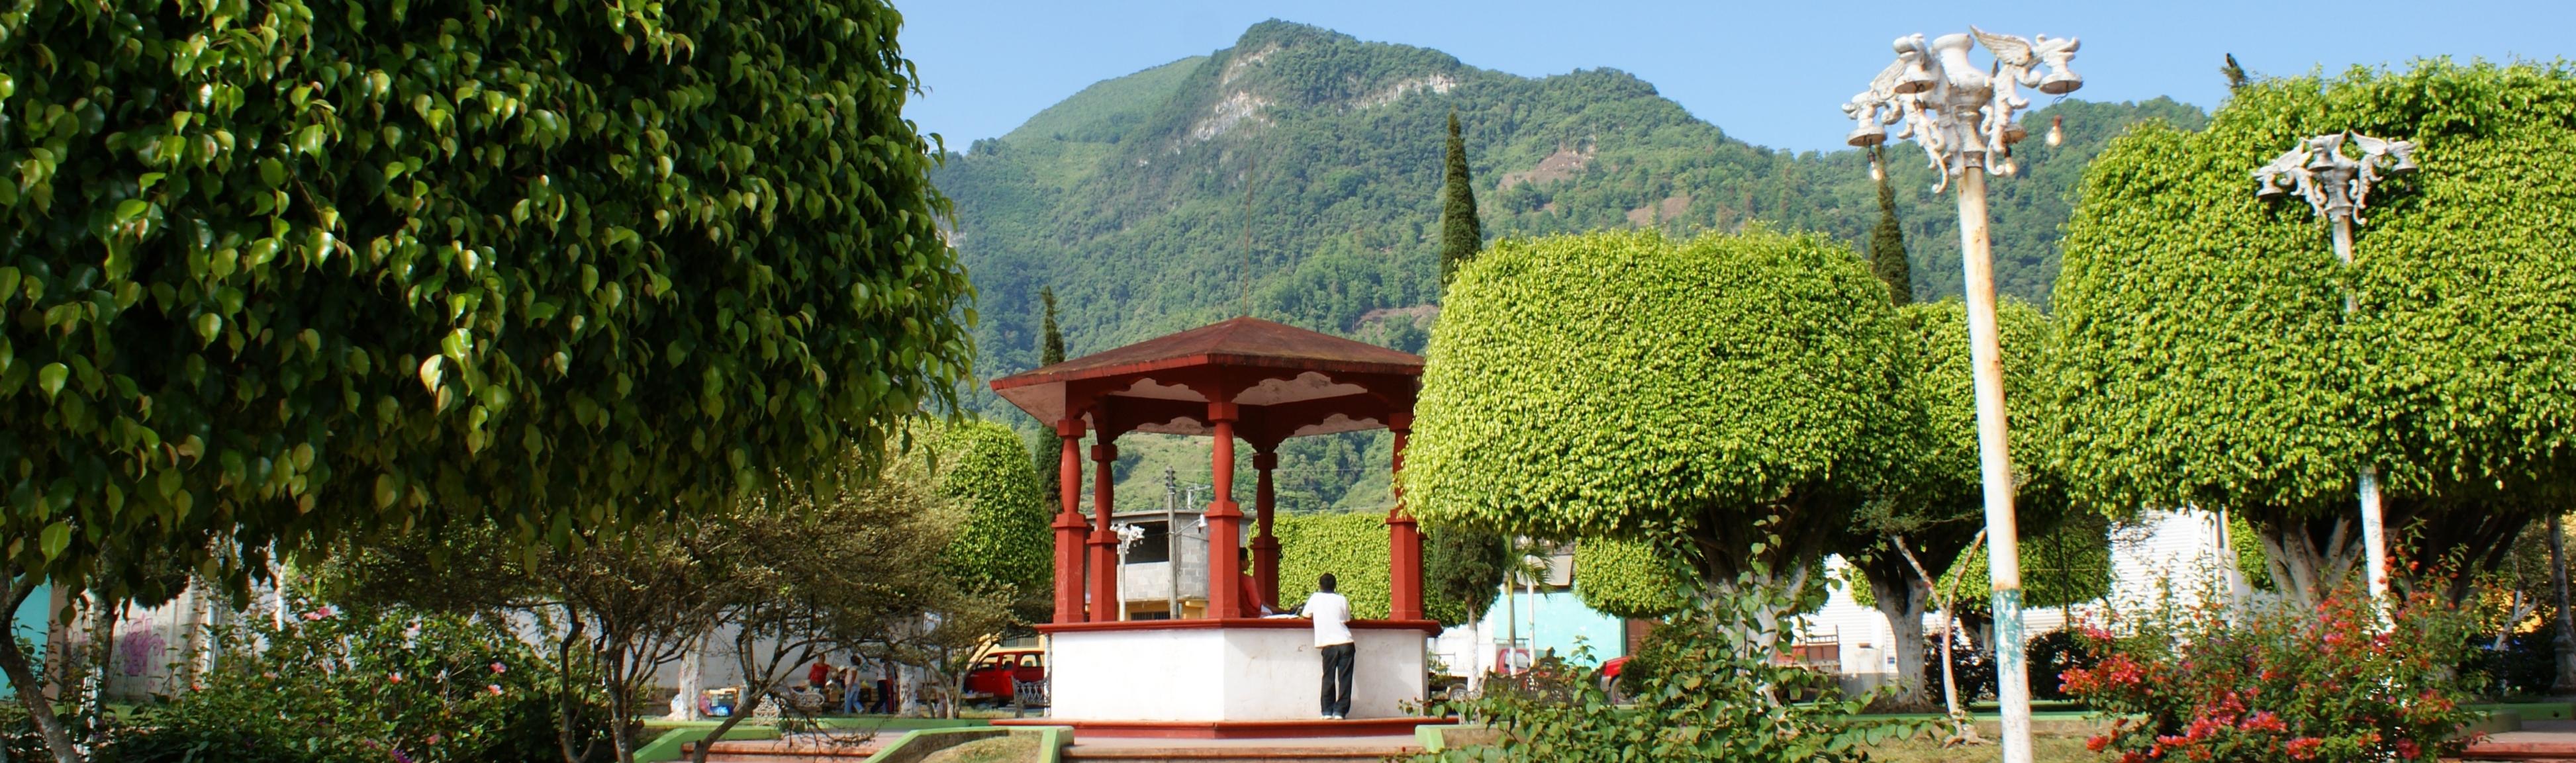 Tepehuacán de Guerrero